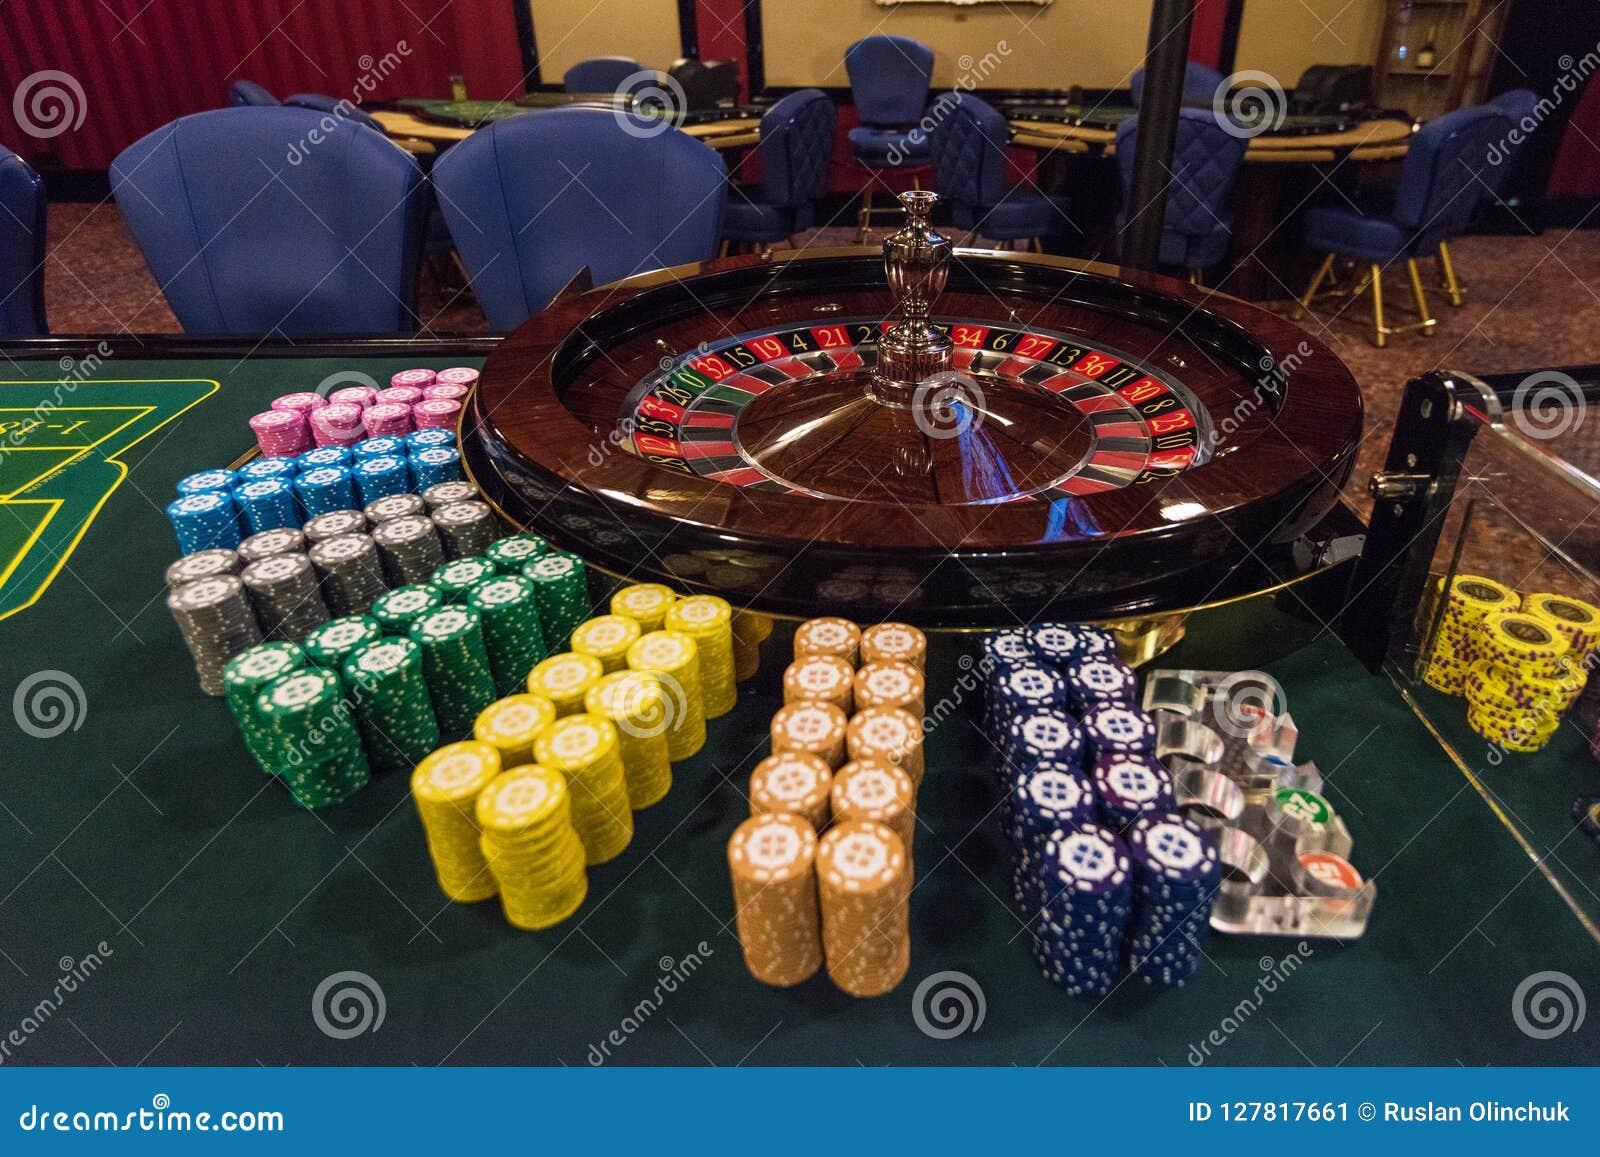 Казино играть i азартные скачать игровые аппараты эмуляторы на компьютер